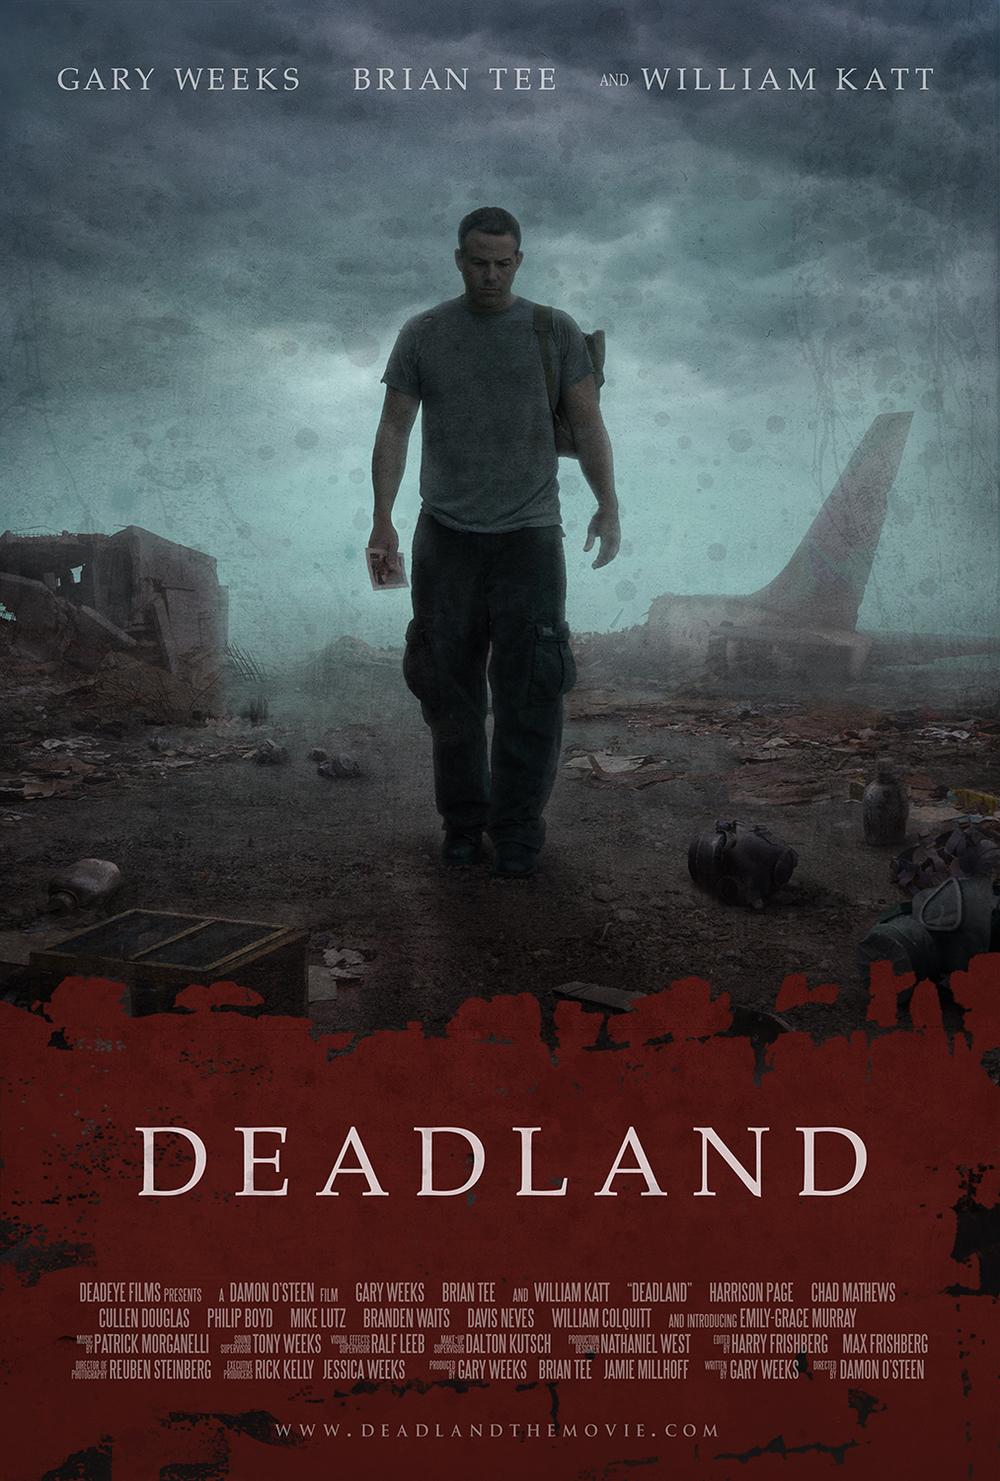 DEADLAND poster resized.jpg